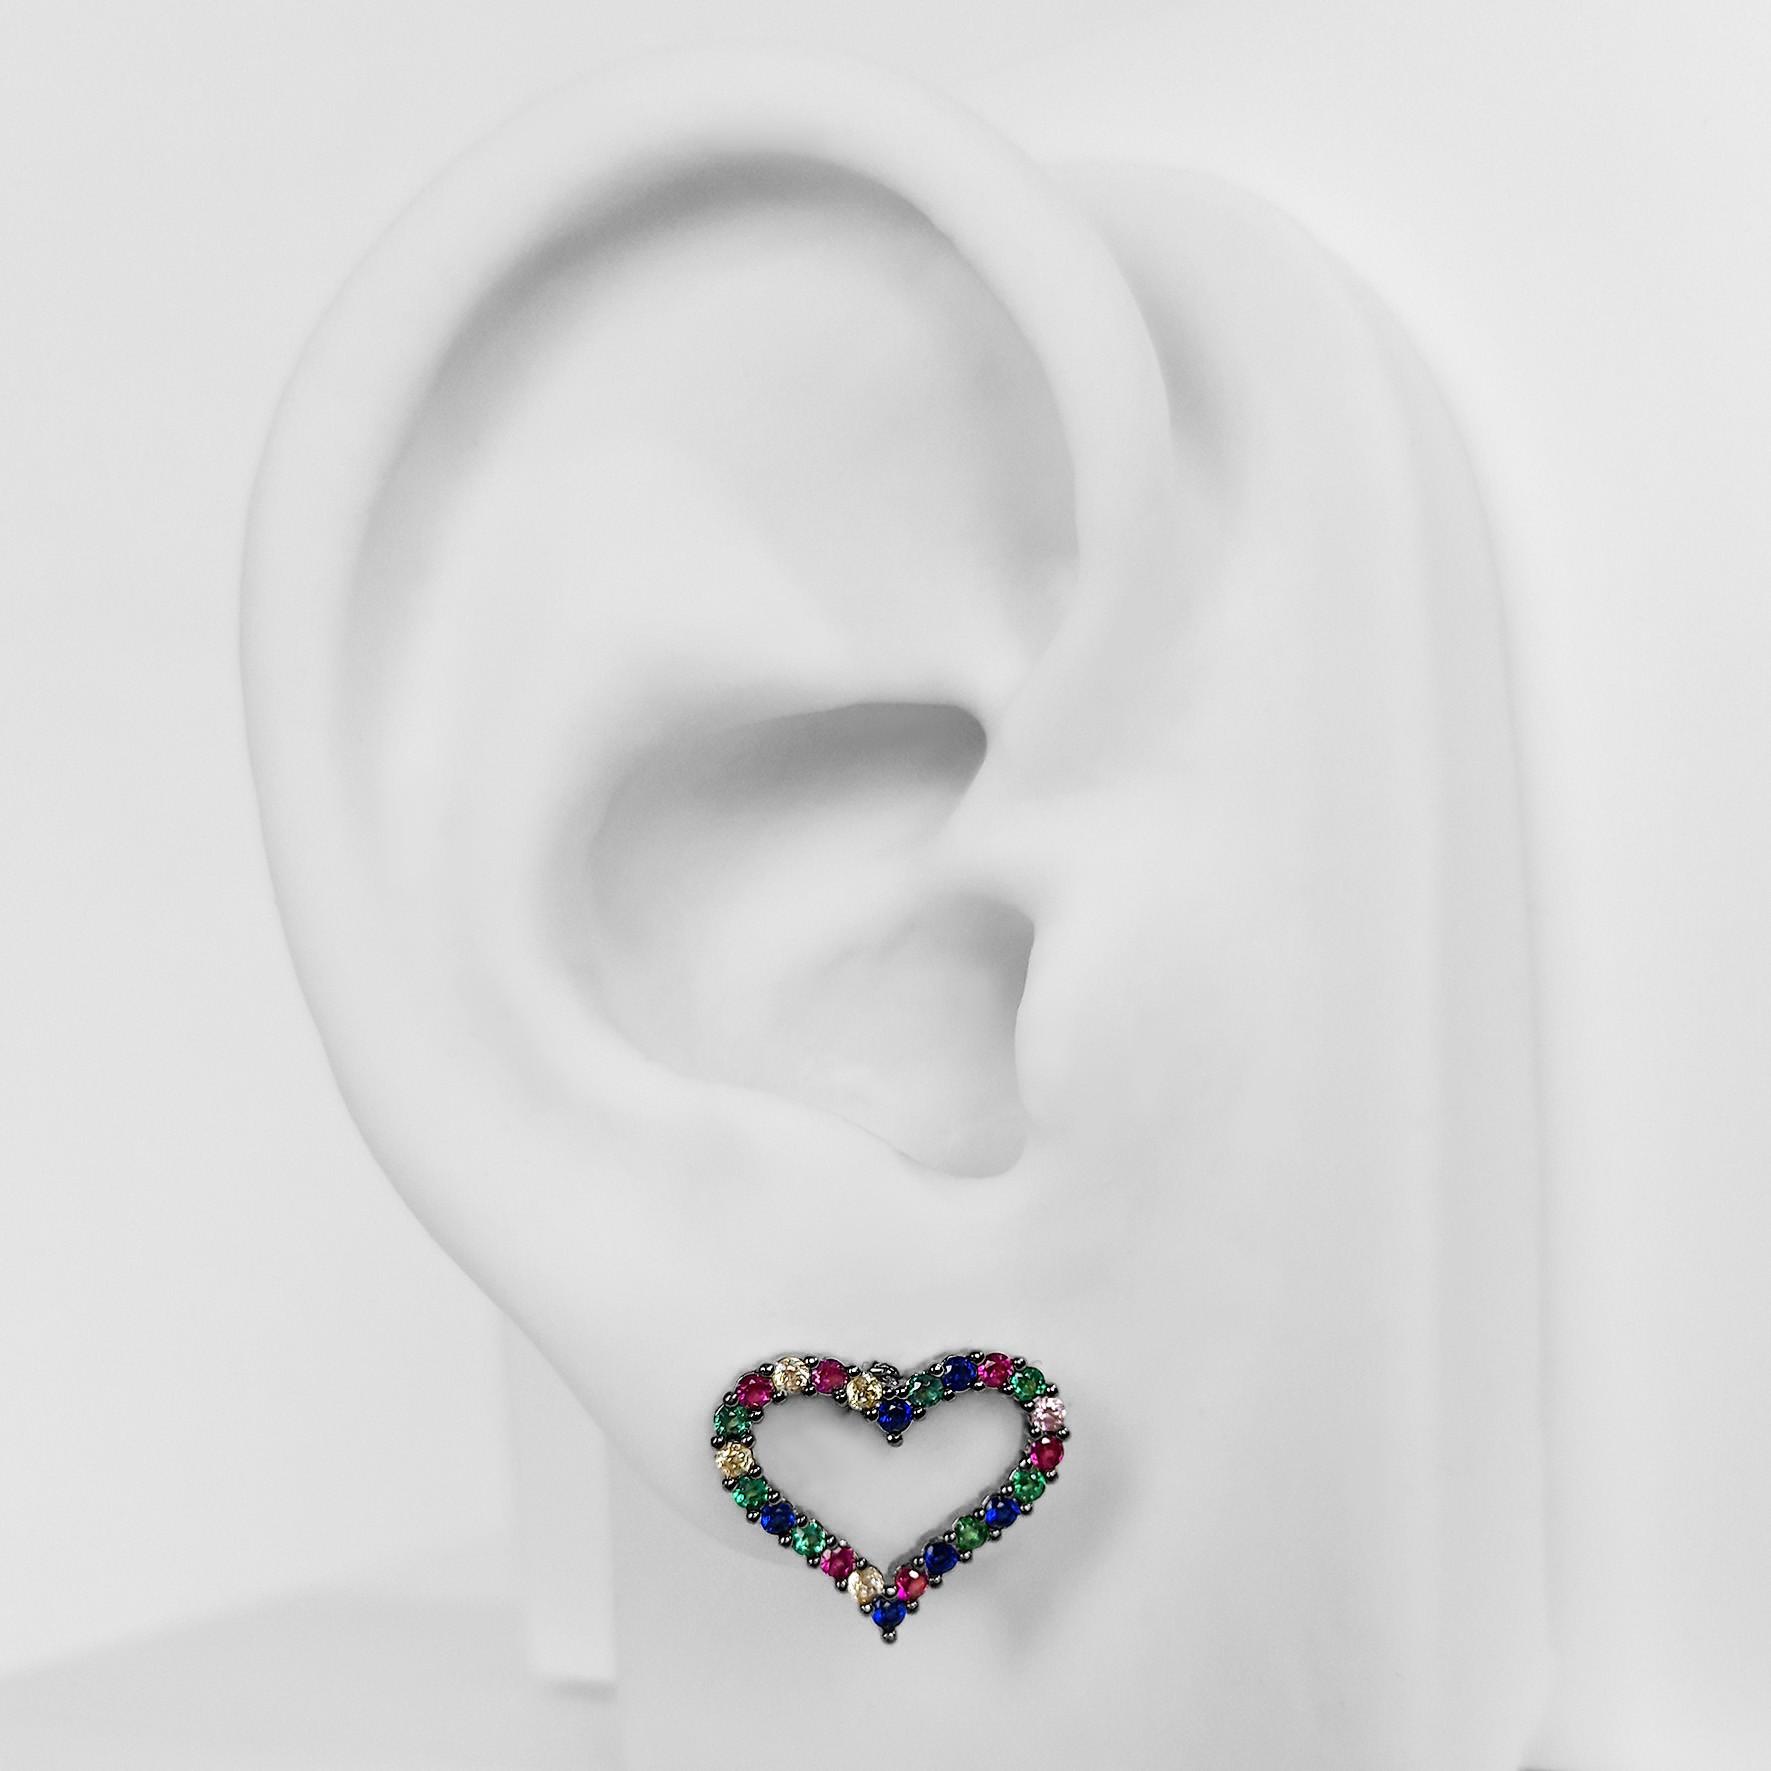 Brinco Pequeno Coração Vazado Zircônia Banho Ródio Negro  - Lunozê Joias